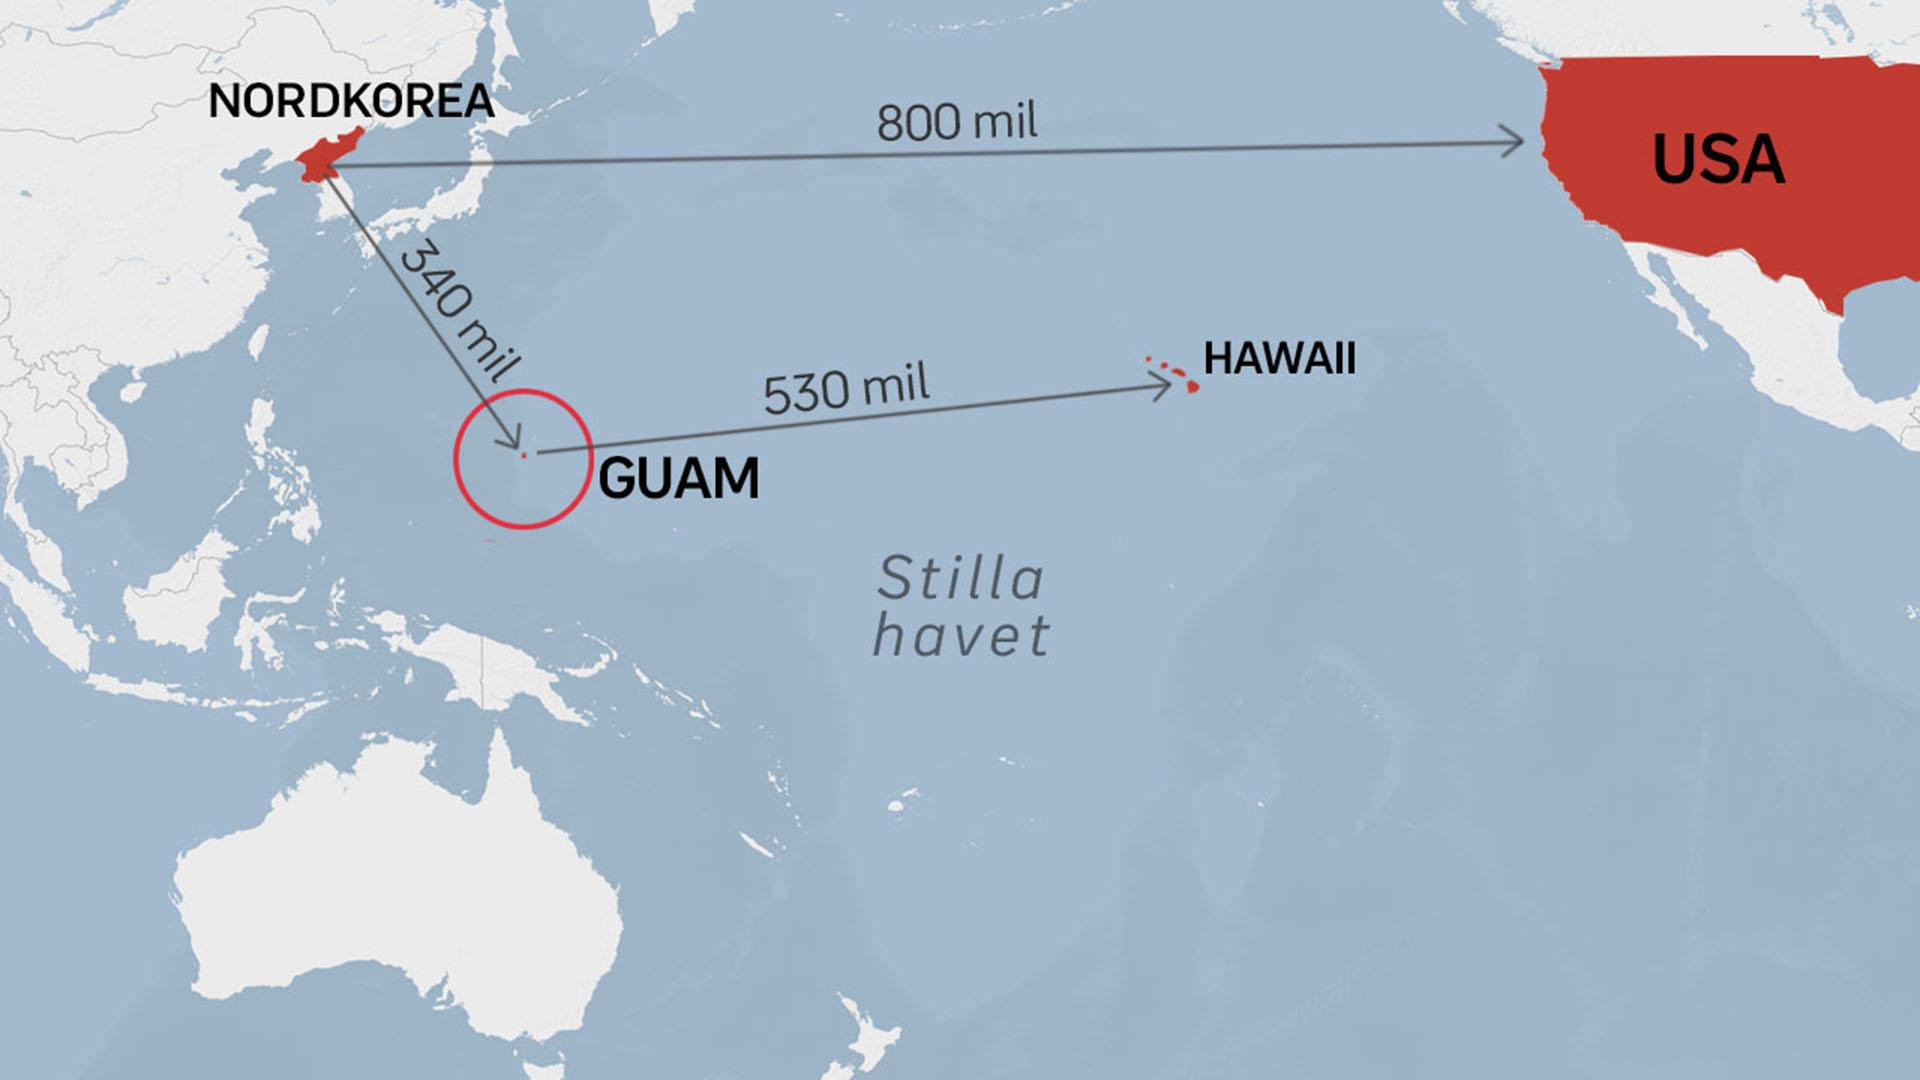 guam karta Allt du behöver veta om Guam – och varför   SVT Nyheter guam karta